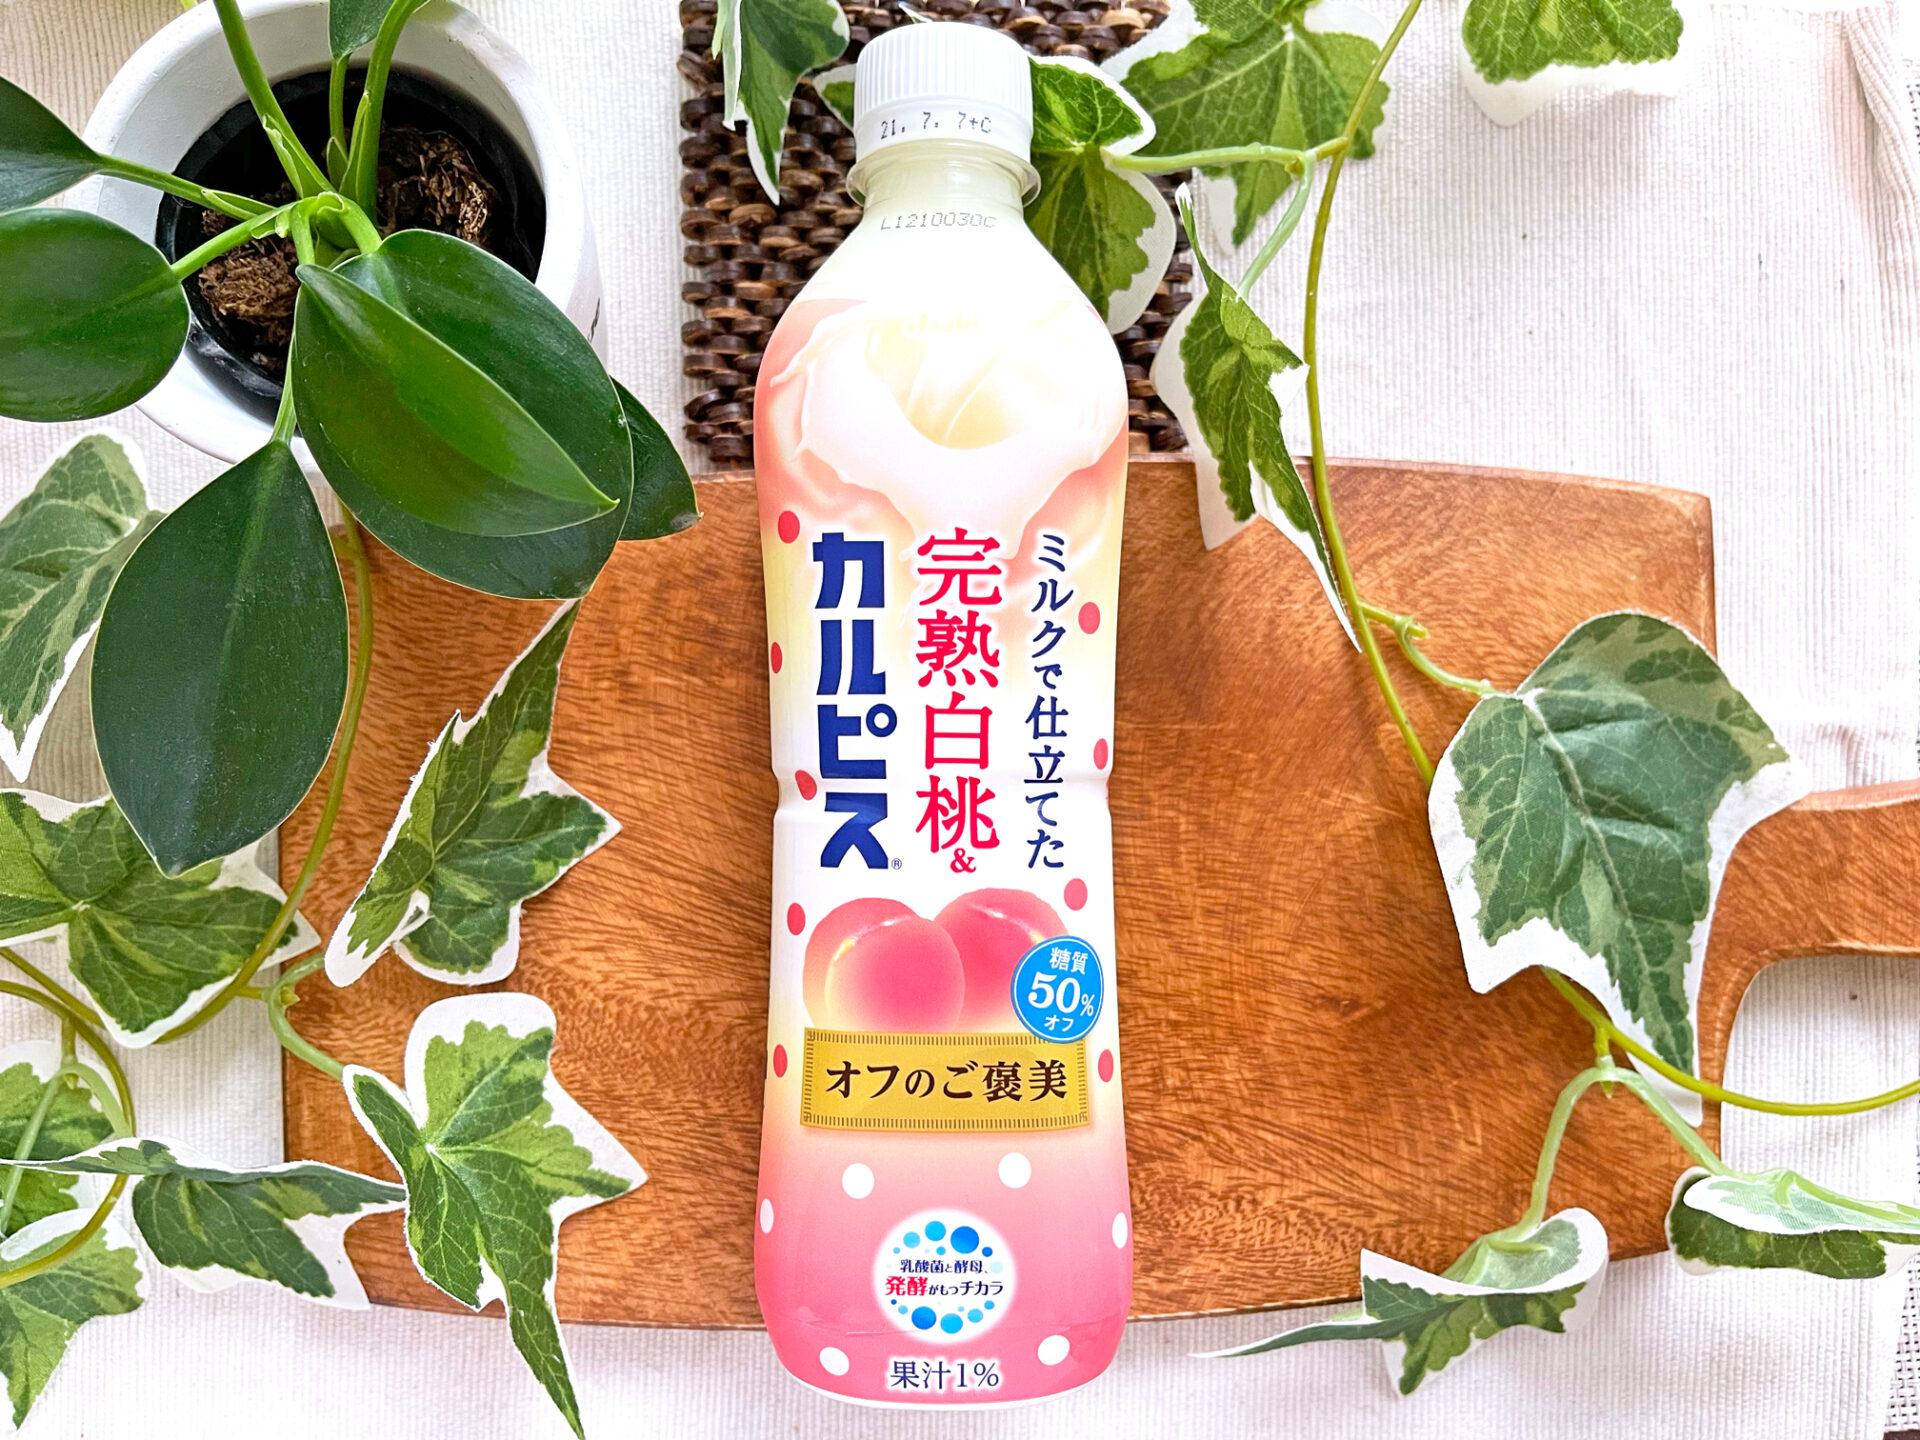 アサヒ飲料『完熟白桃&「カルピス」 オフのご褒美 PET500ml』